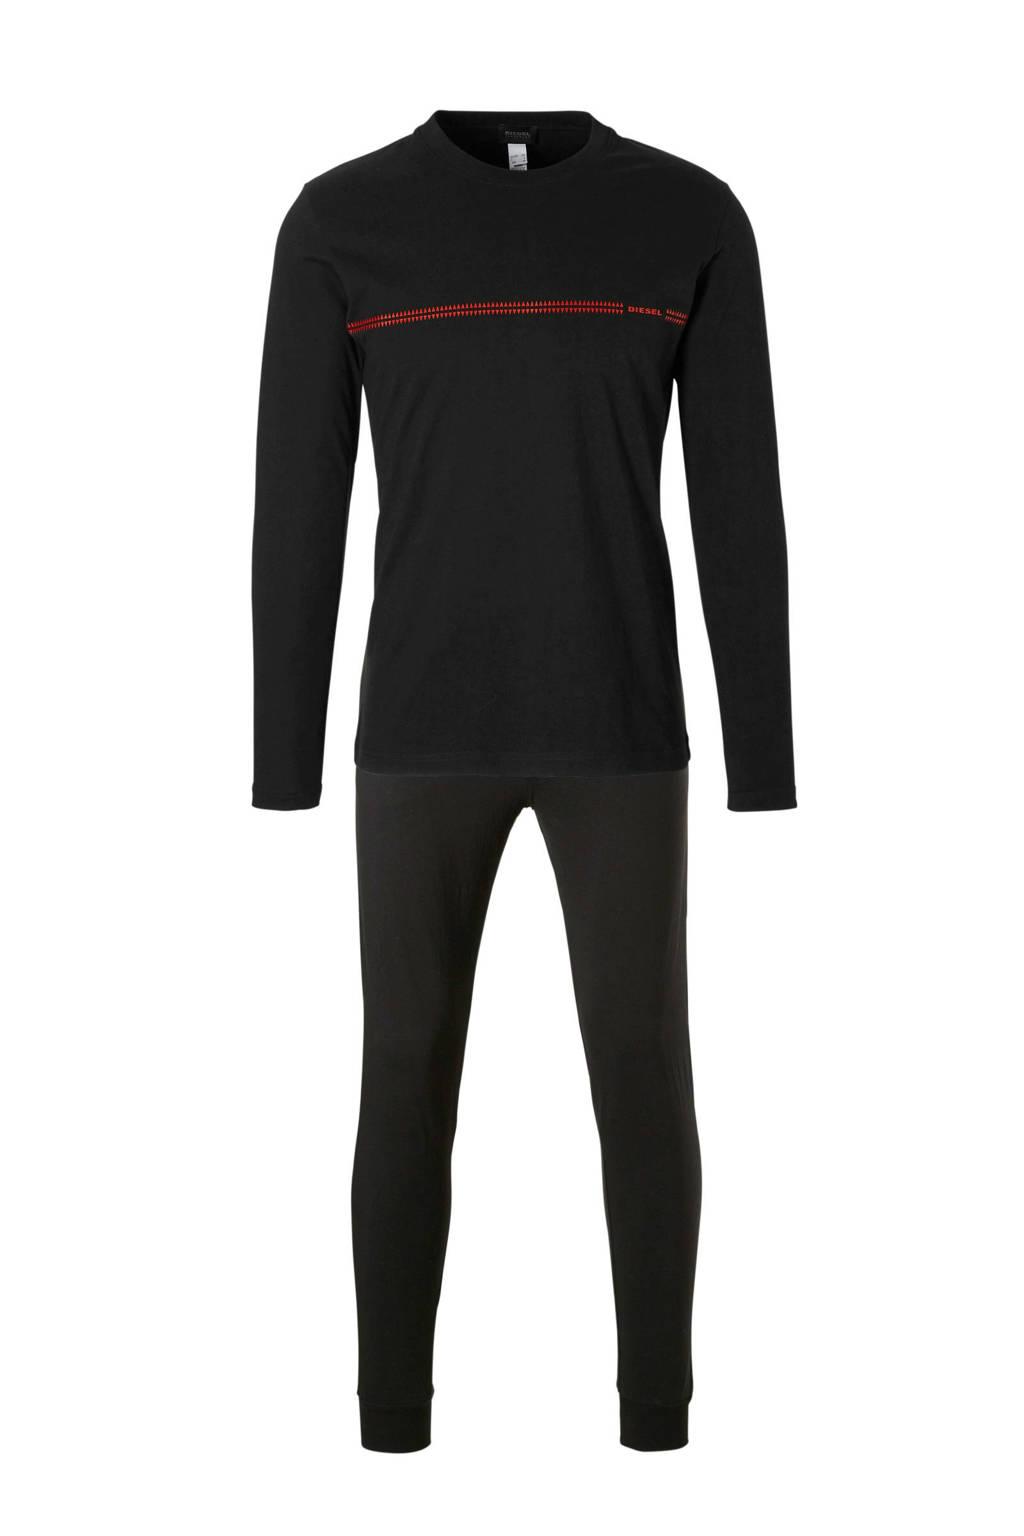 Diesel katoenen pyjama zwart, Zwat/rood